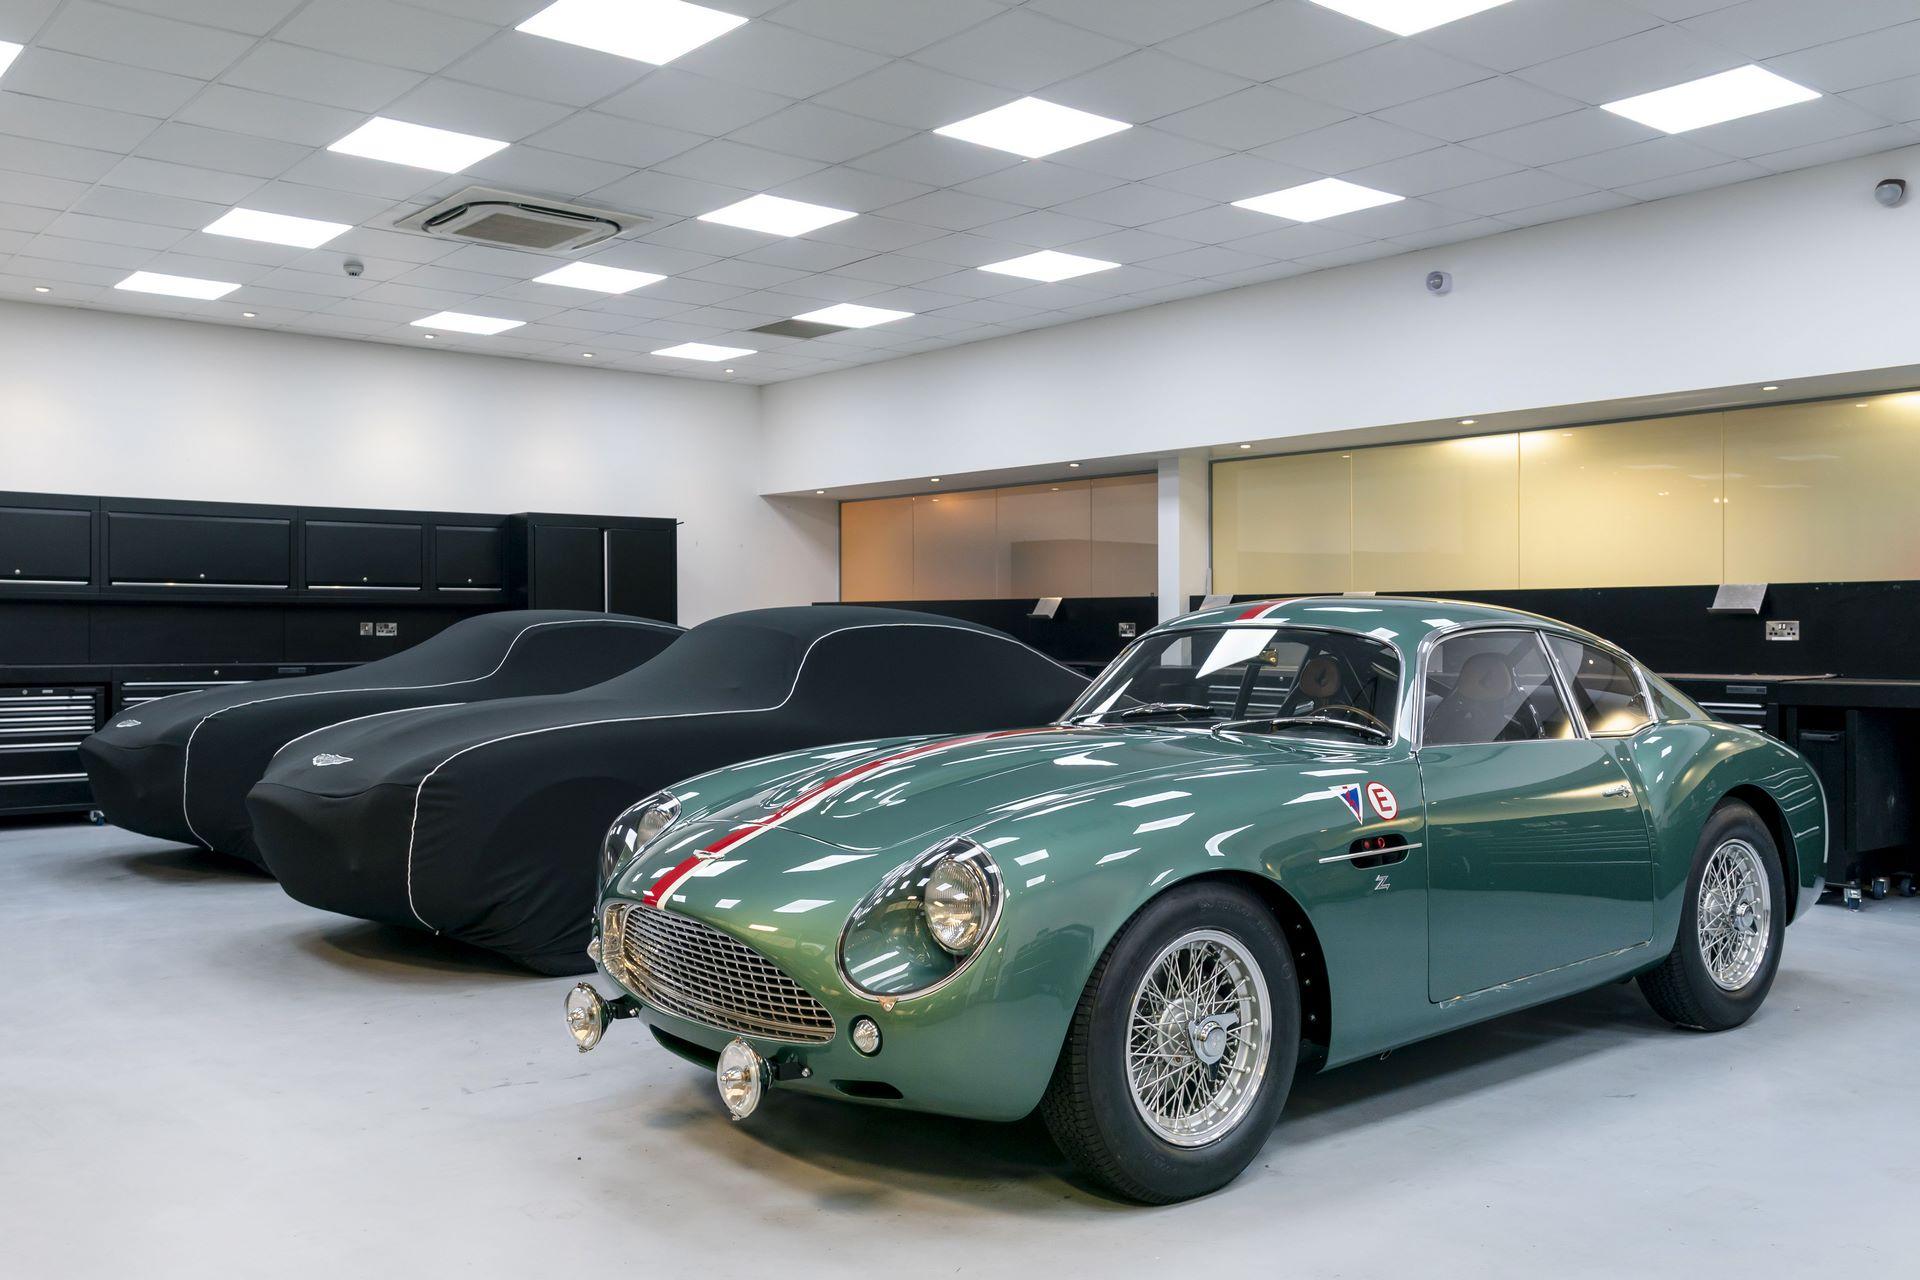 Aston-Martin-DB4-GT-Zagato-Continuation-first-delivery-18